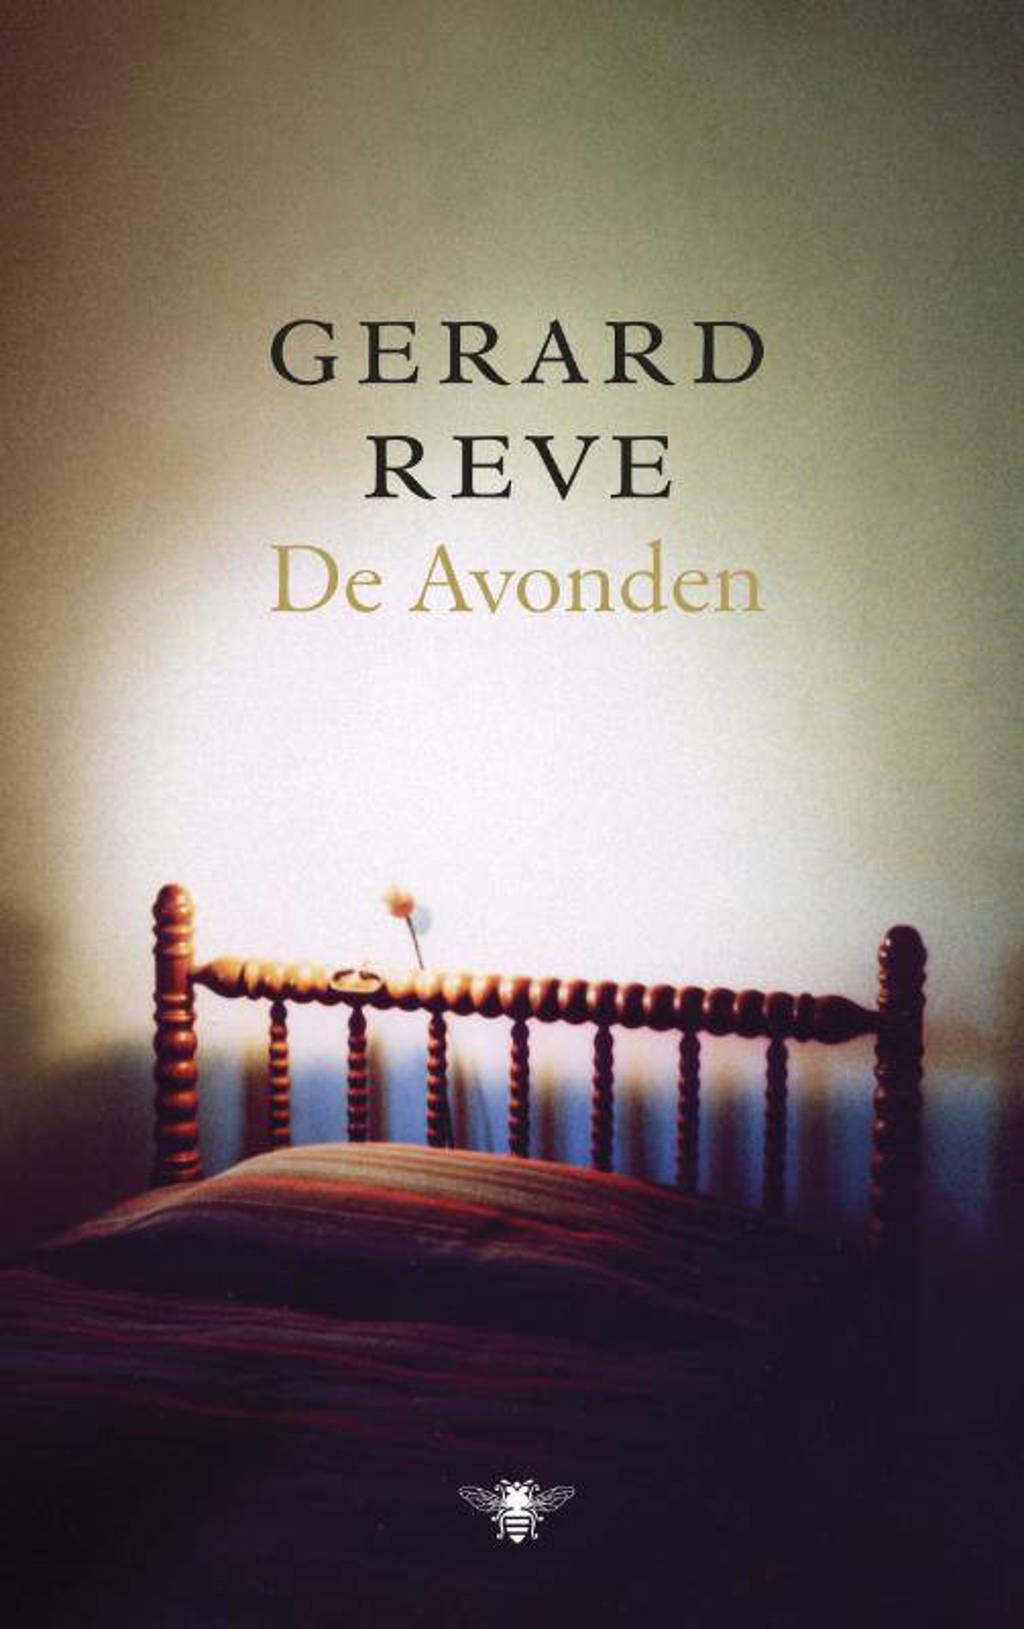 De avonden - Gerard Reve